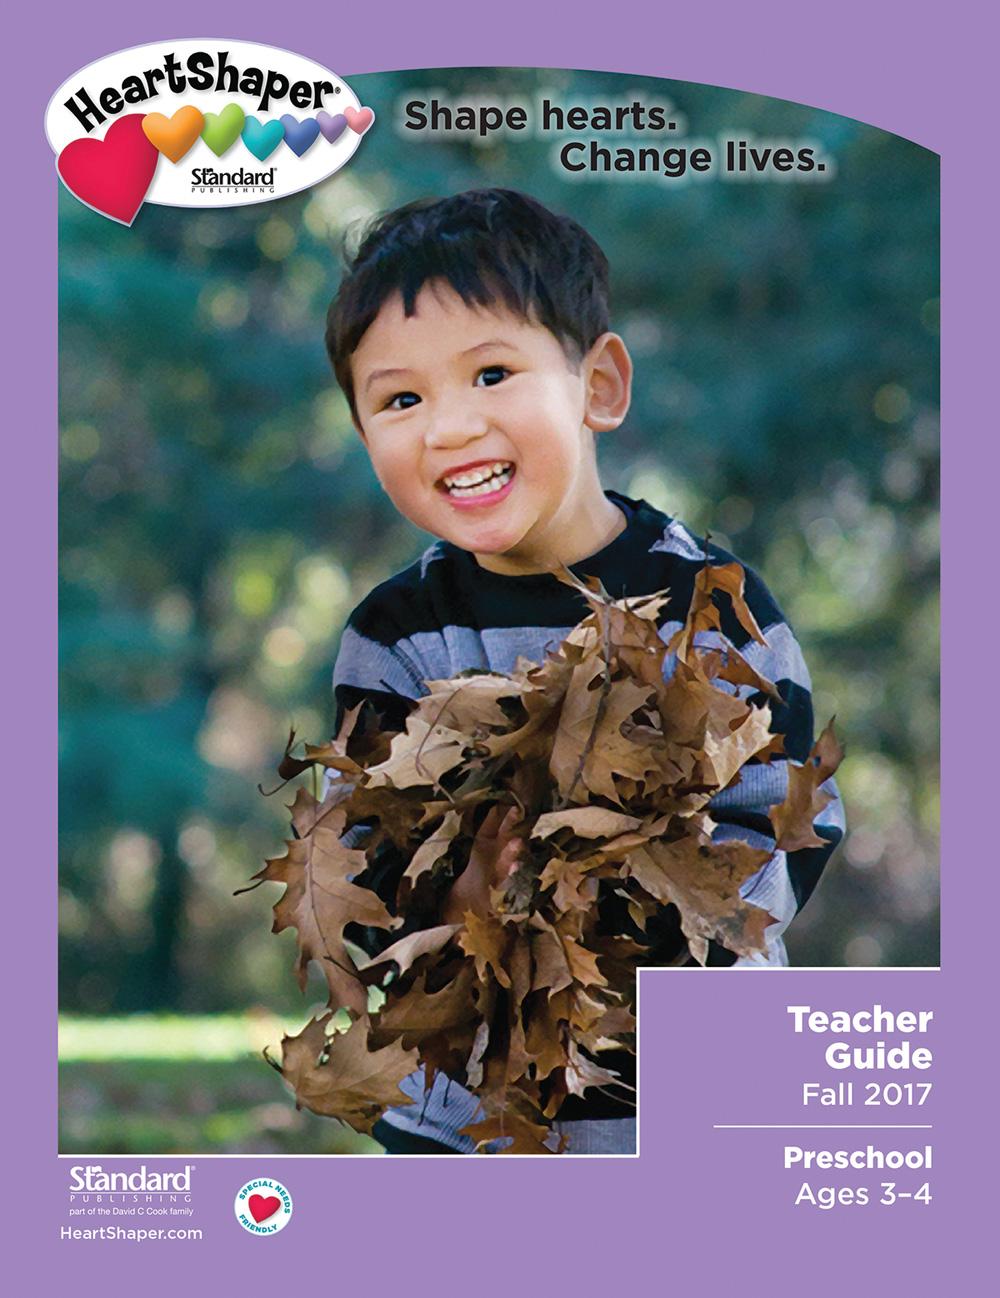 HeartShaper preschool teacher guide fall 2017